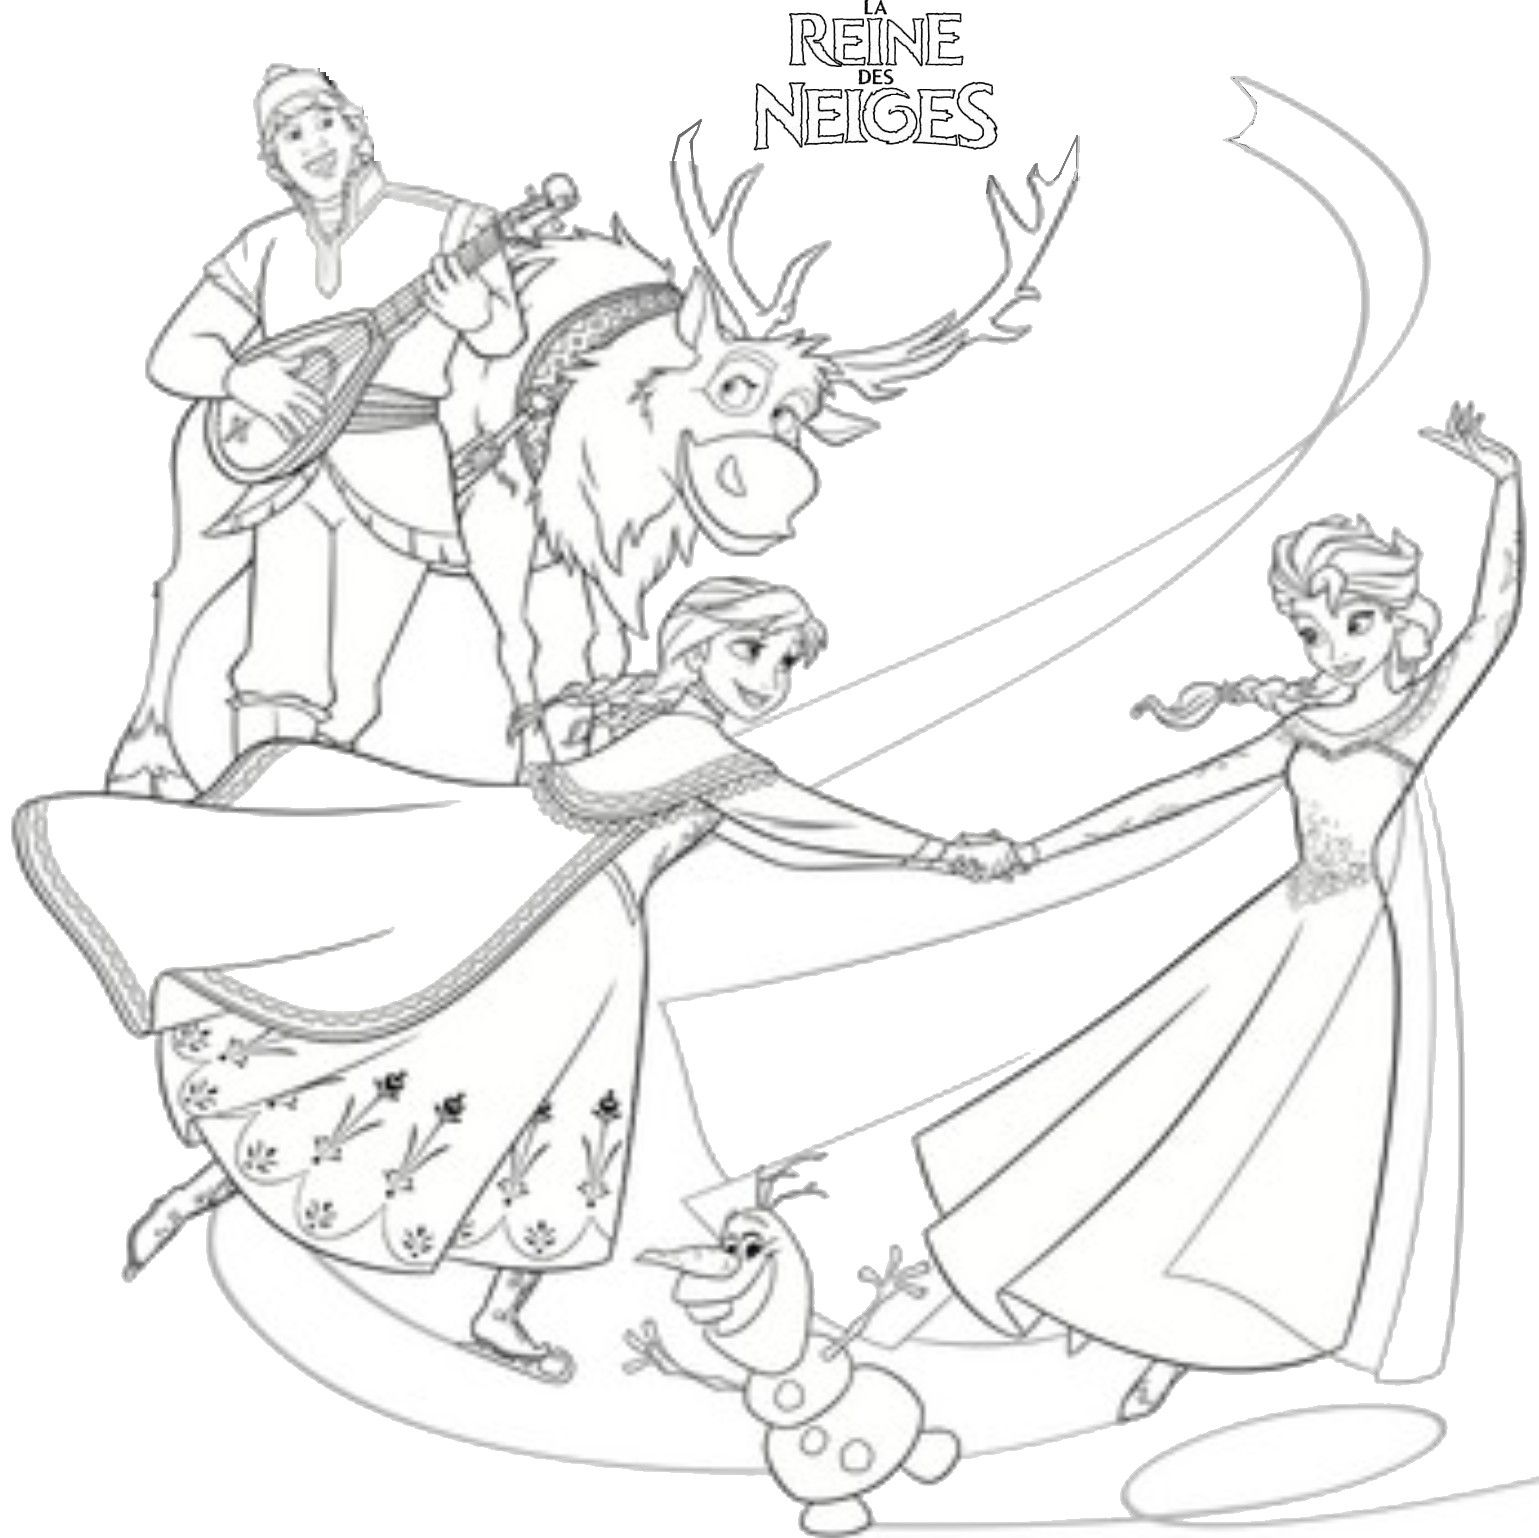 Coloriage A Imprimer La Reine Des Neiges La Fete Gratuit Et Colorier Coloriage Reine Des Neiges Dessin Reine Des Neiges Coloriage